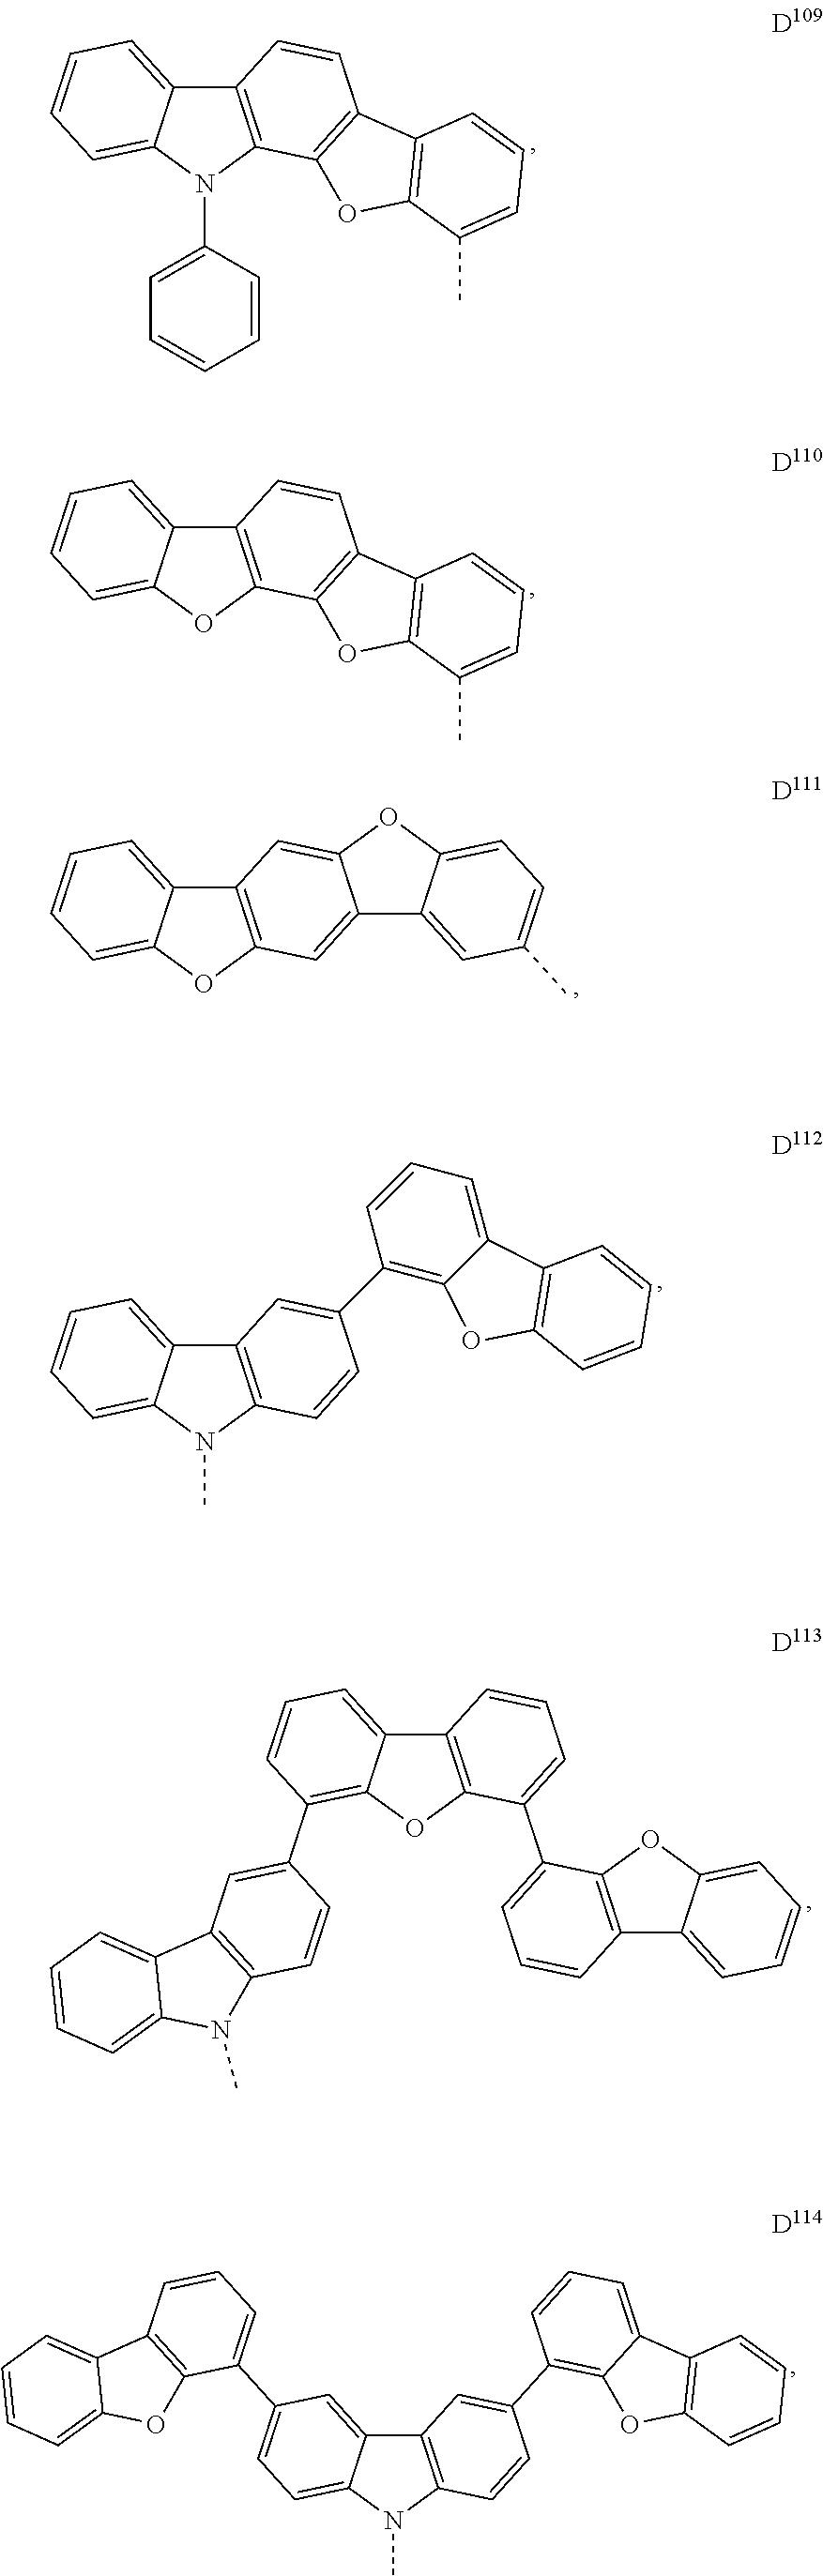 Figure US09209411-20151208-C00013